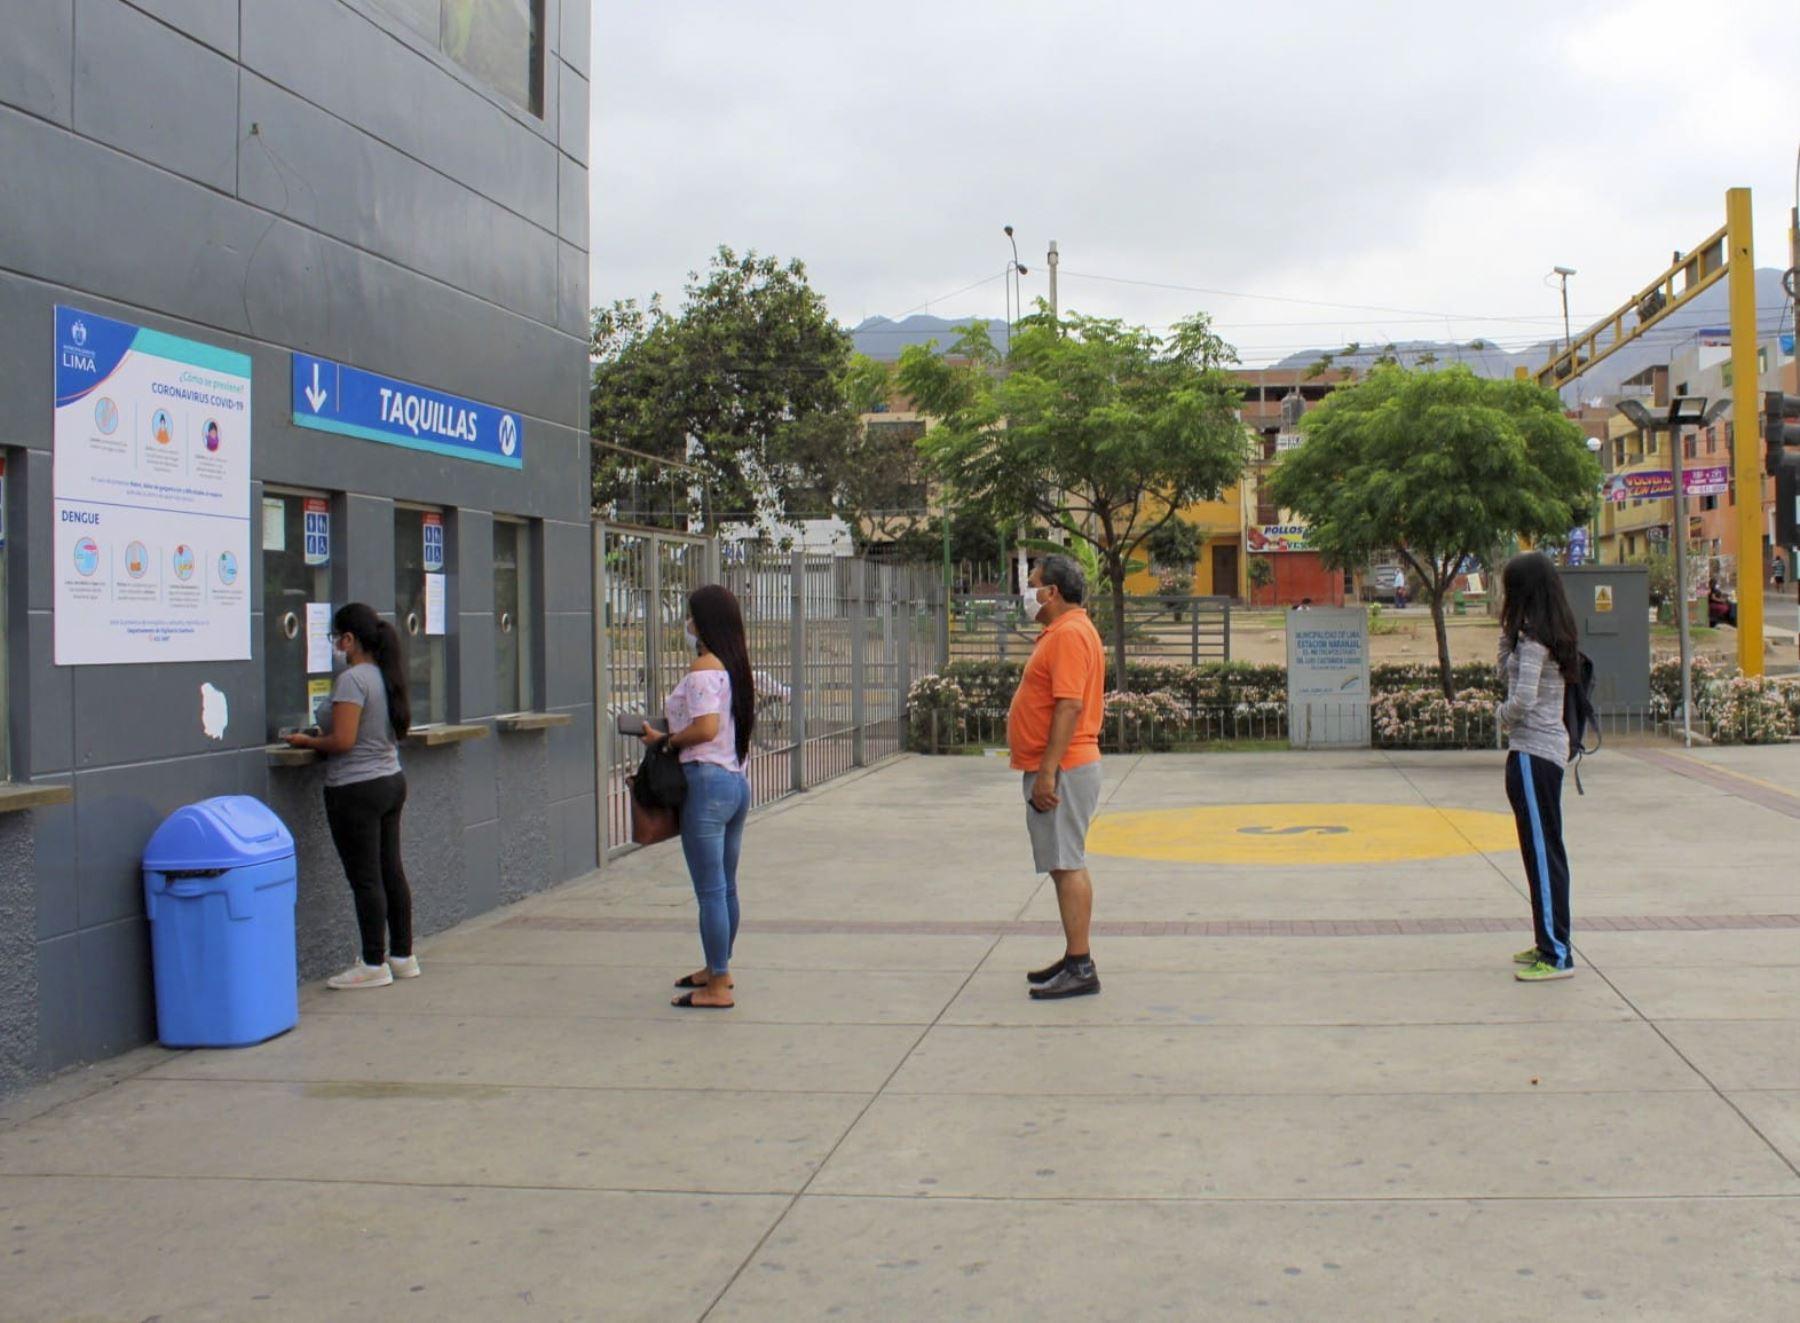 Municipalidad de Lima realiza acciones de prevención contra el covid-19 en estaciones del Metropolitano. Foto.ANDINA/MML